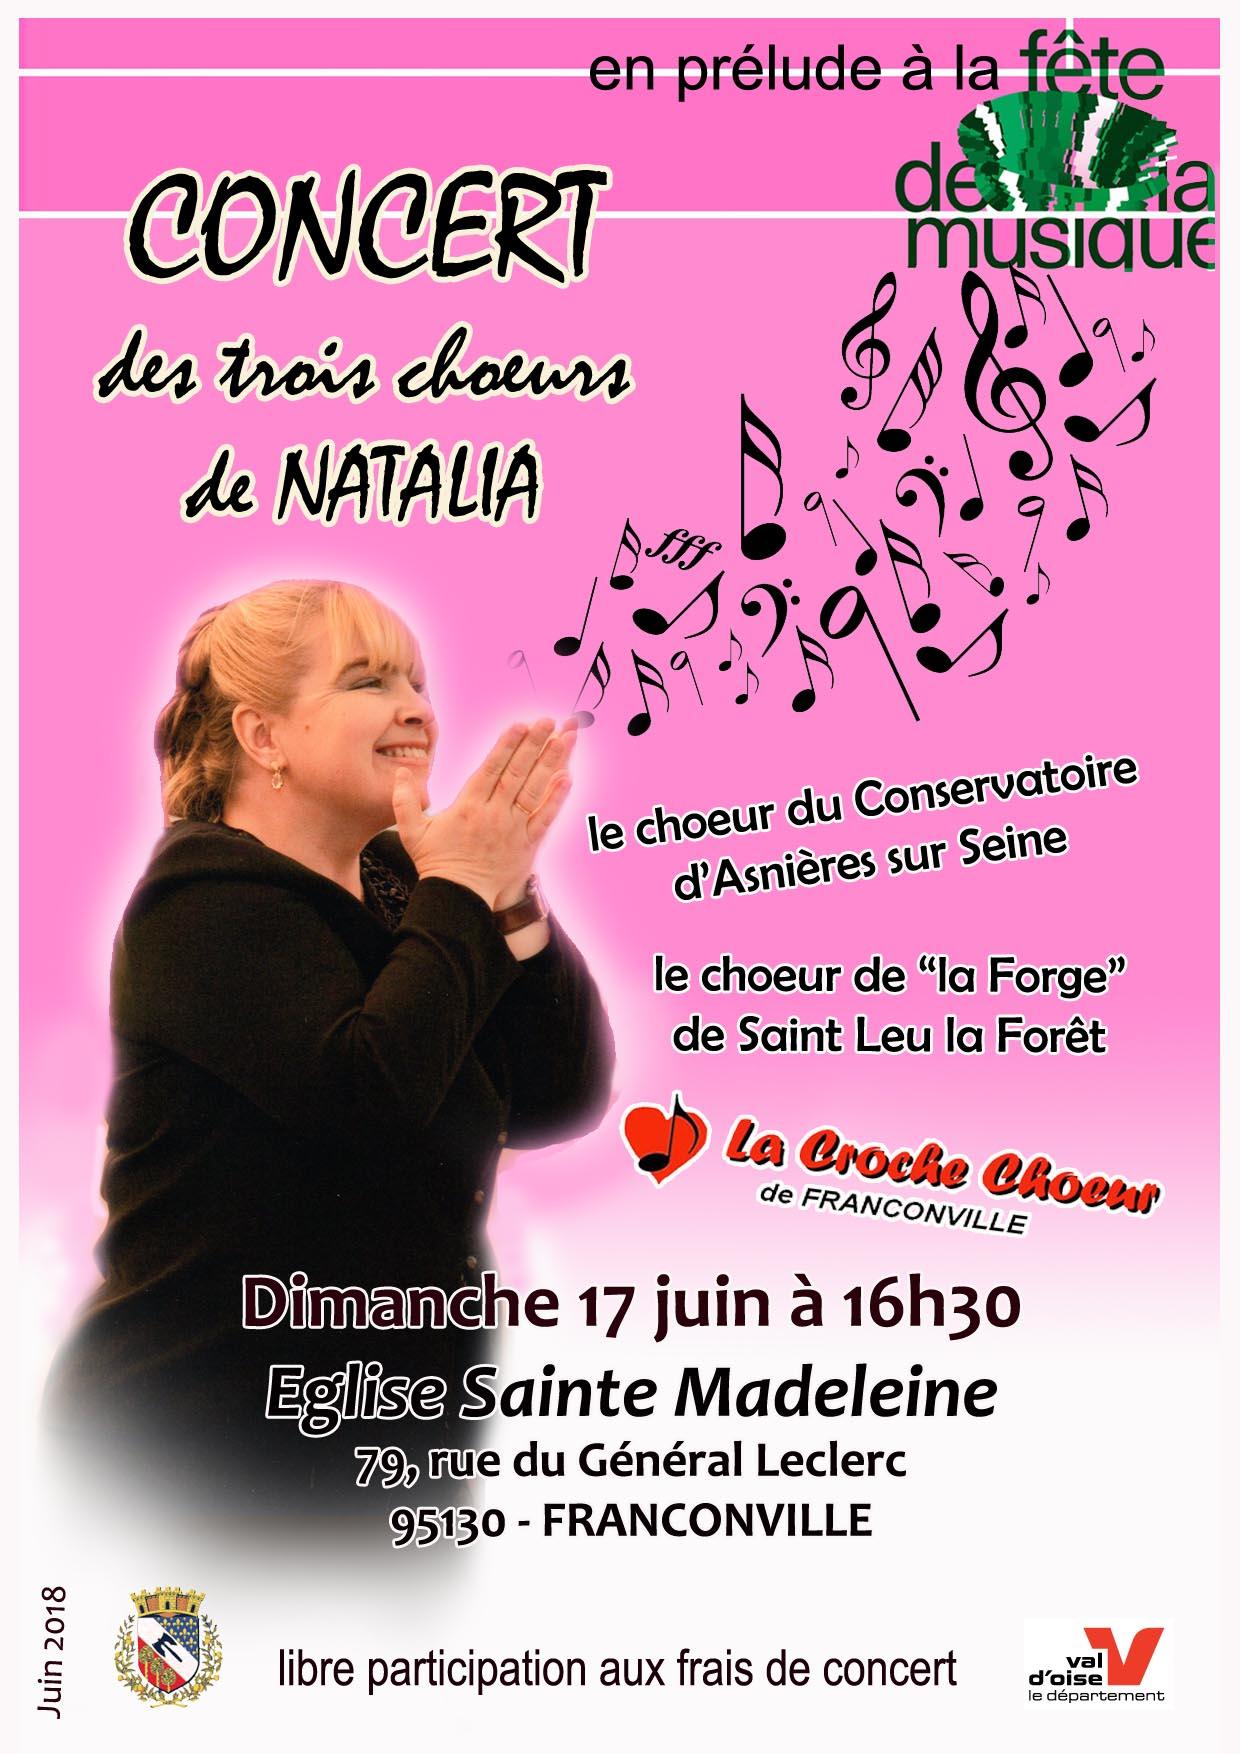 Concert 3 choeurs de Natalia